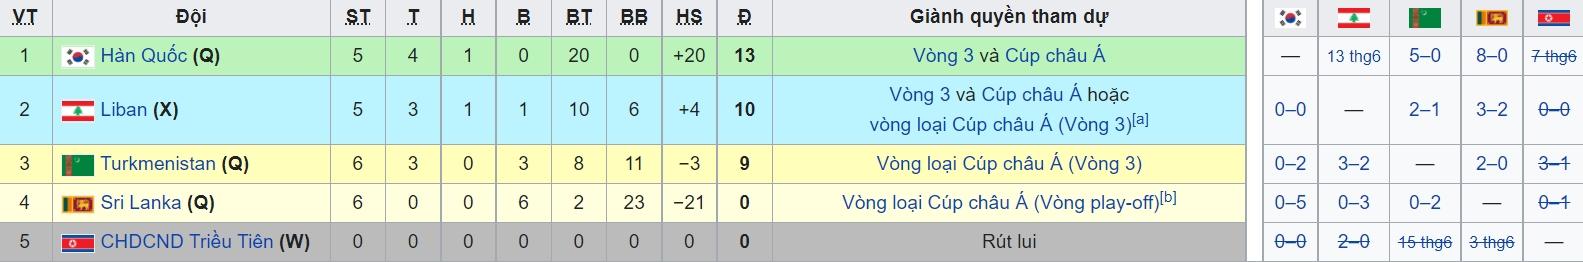 Link trực tiếp Hàn Quốc vs Lebanon: Nhận định trận đấu, dự đoán tỷ số, xem online 1